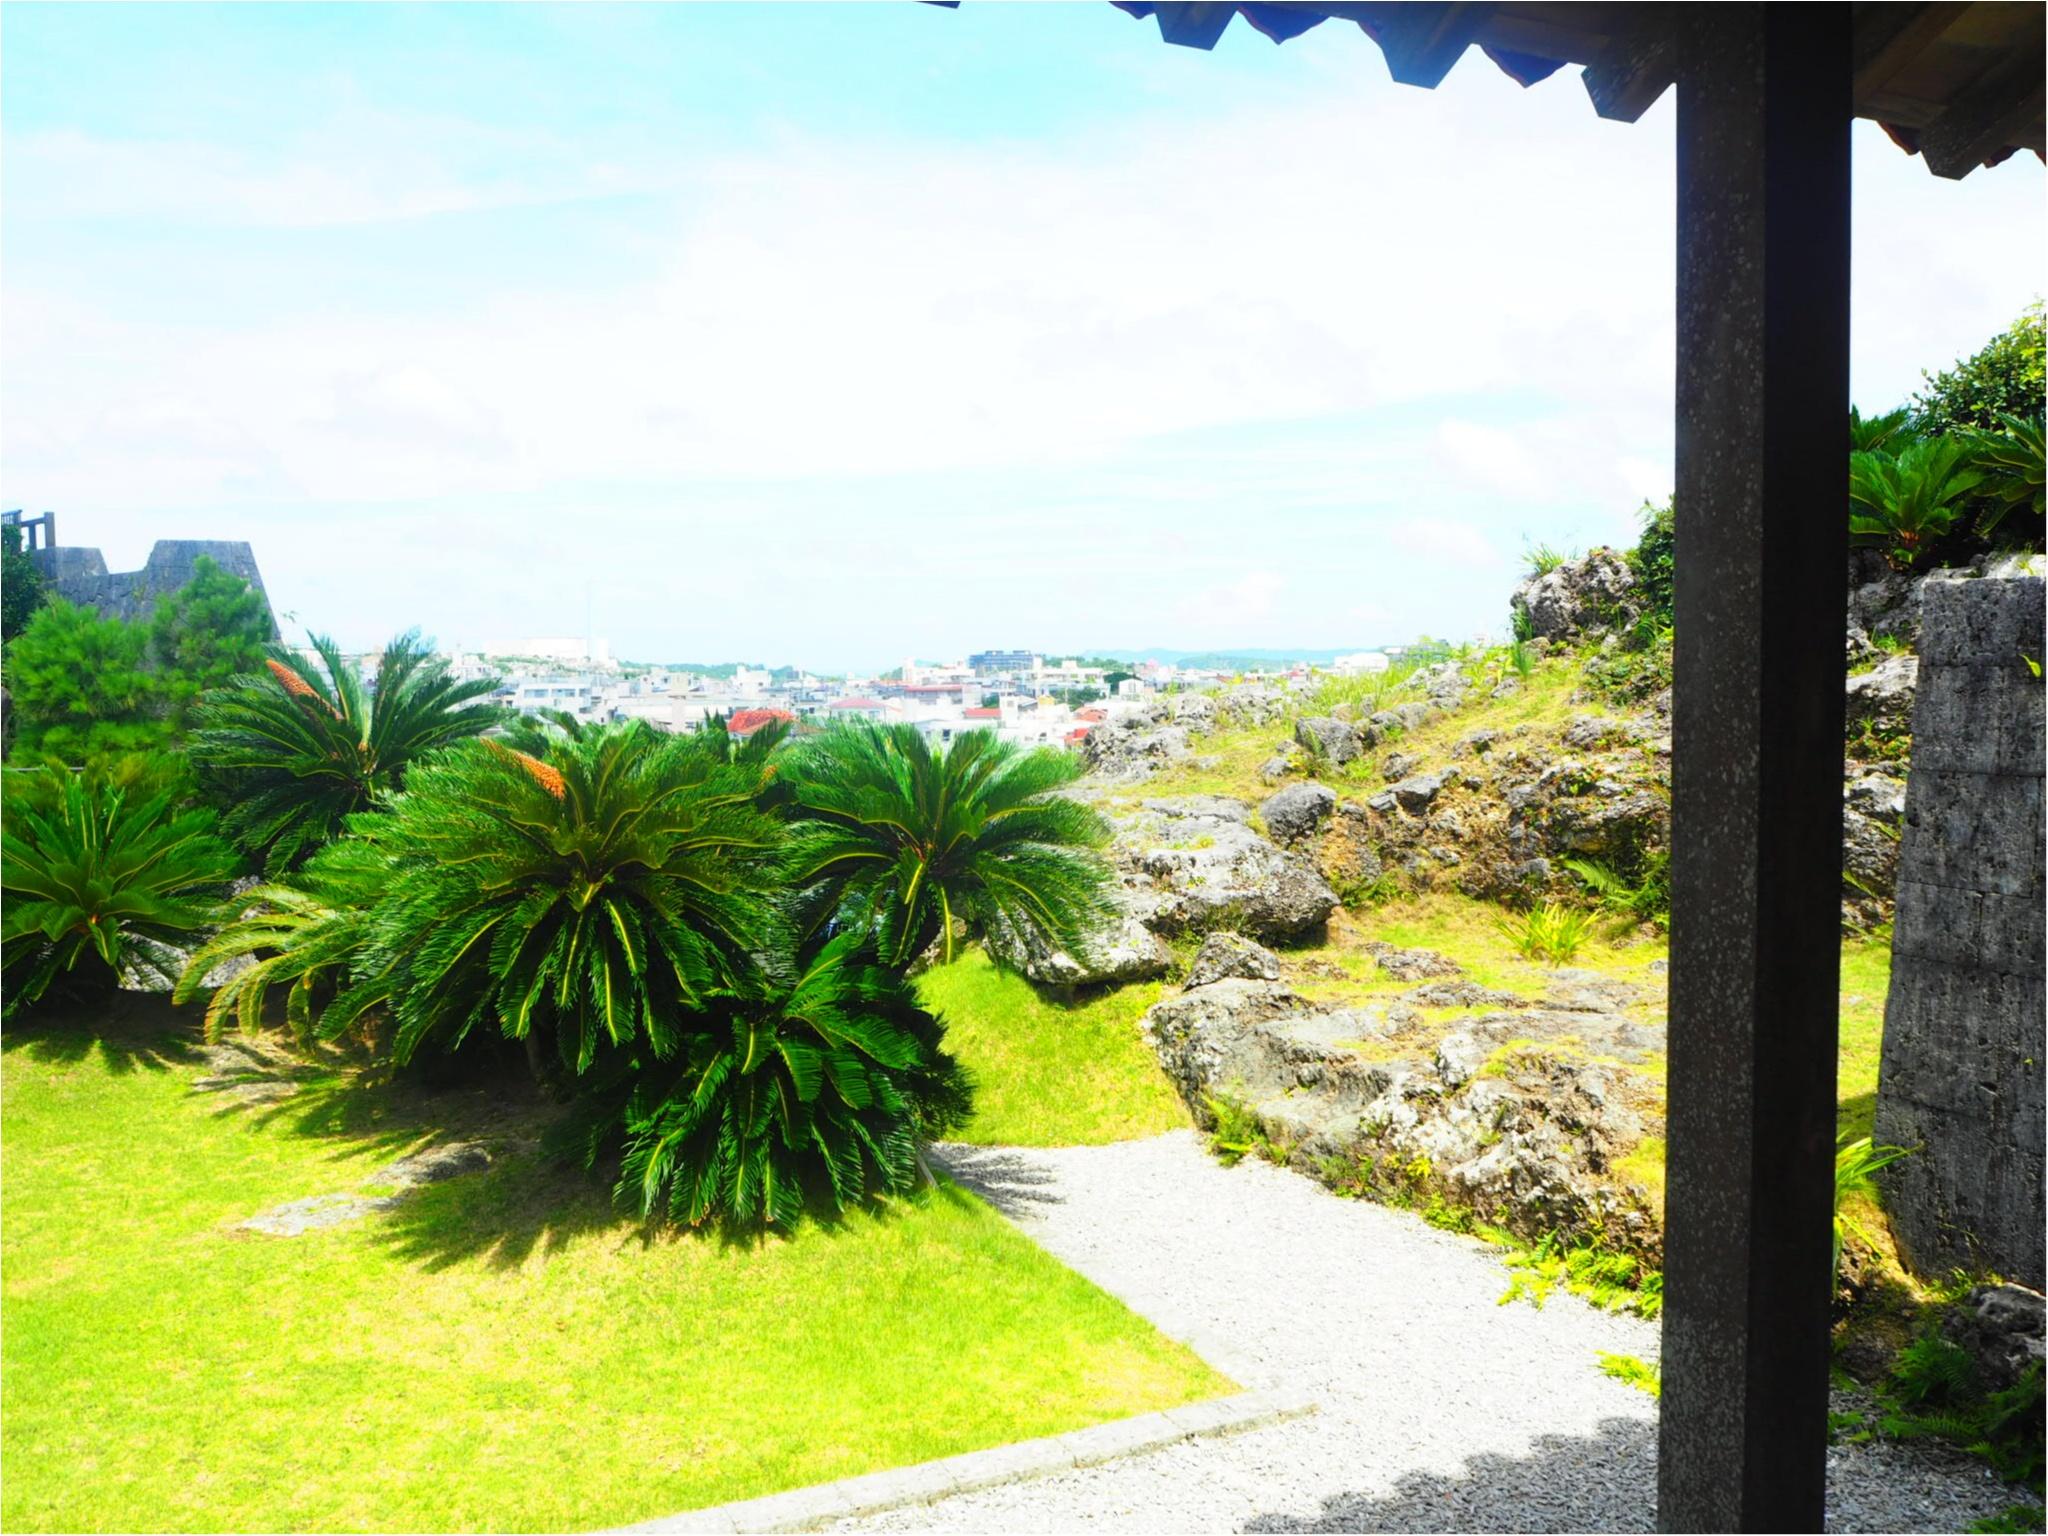 【女子旅♬】part.①沖縄に行ってきました〜♡ファットジェニックたっぷり♡〜レンタカーを使わなくても(ペーパードライバー)たっぷり楽しめました♡♡自然豊かで、とっても癒されました♡_3